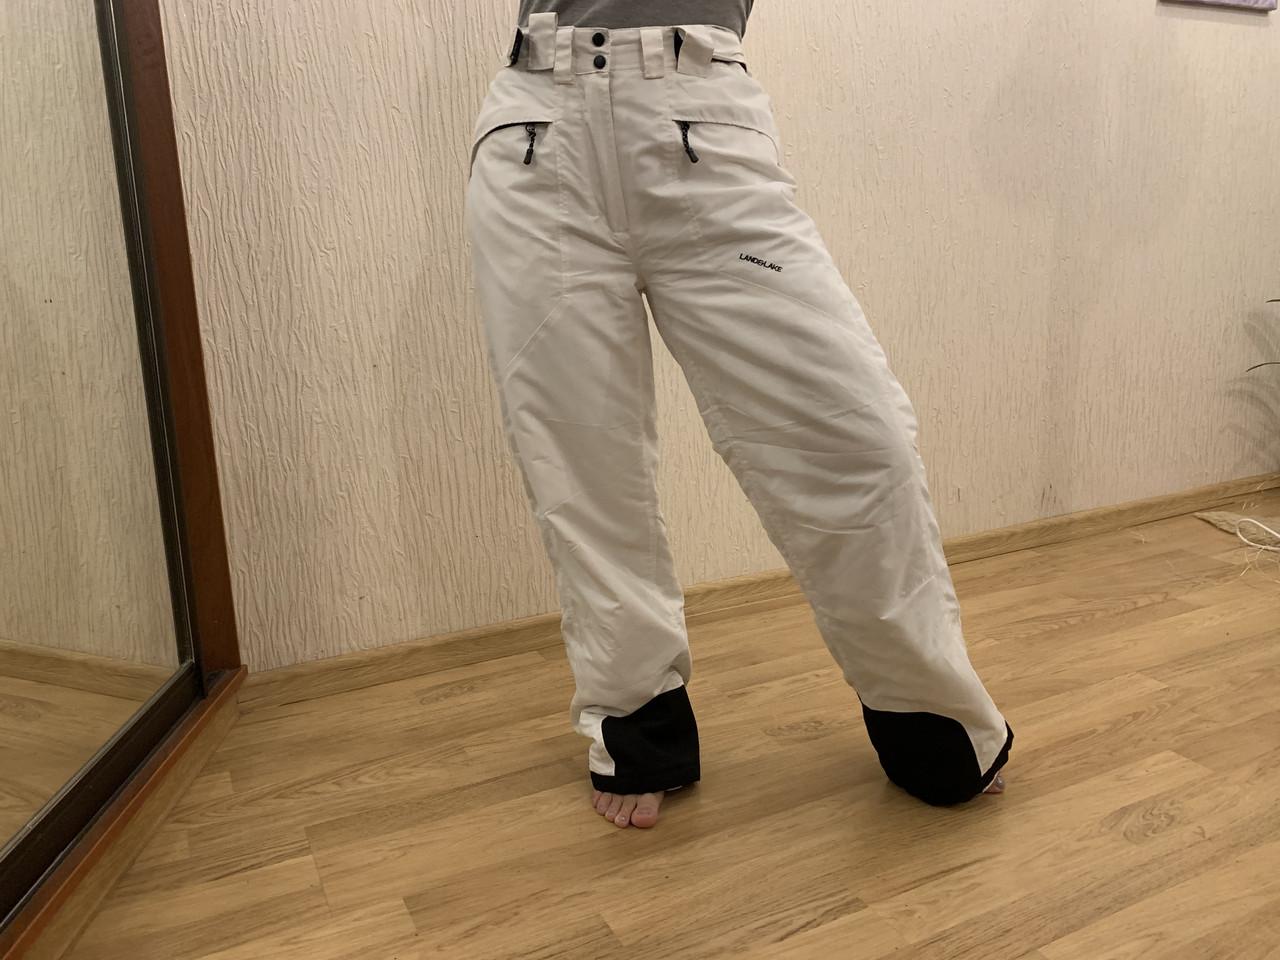 Сноуборд белые штаны горнолыжные тёплые штаны Thinsulate